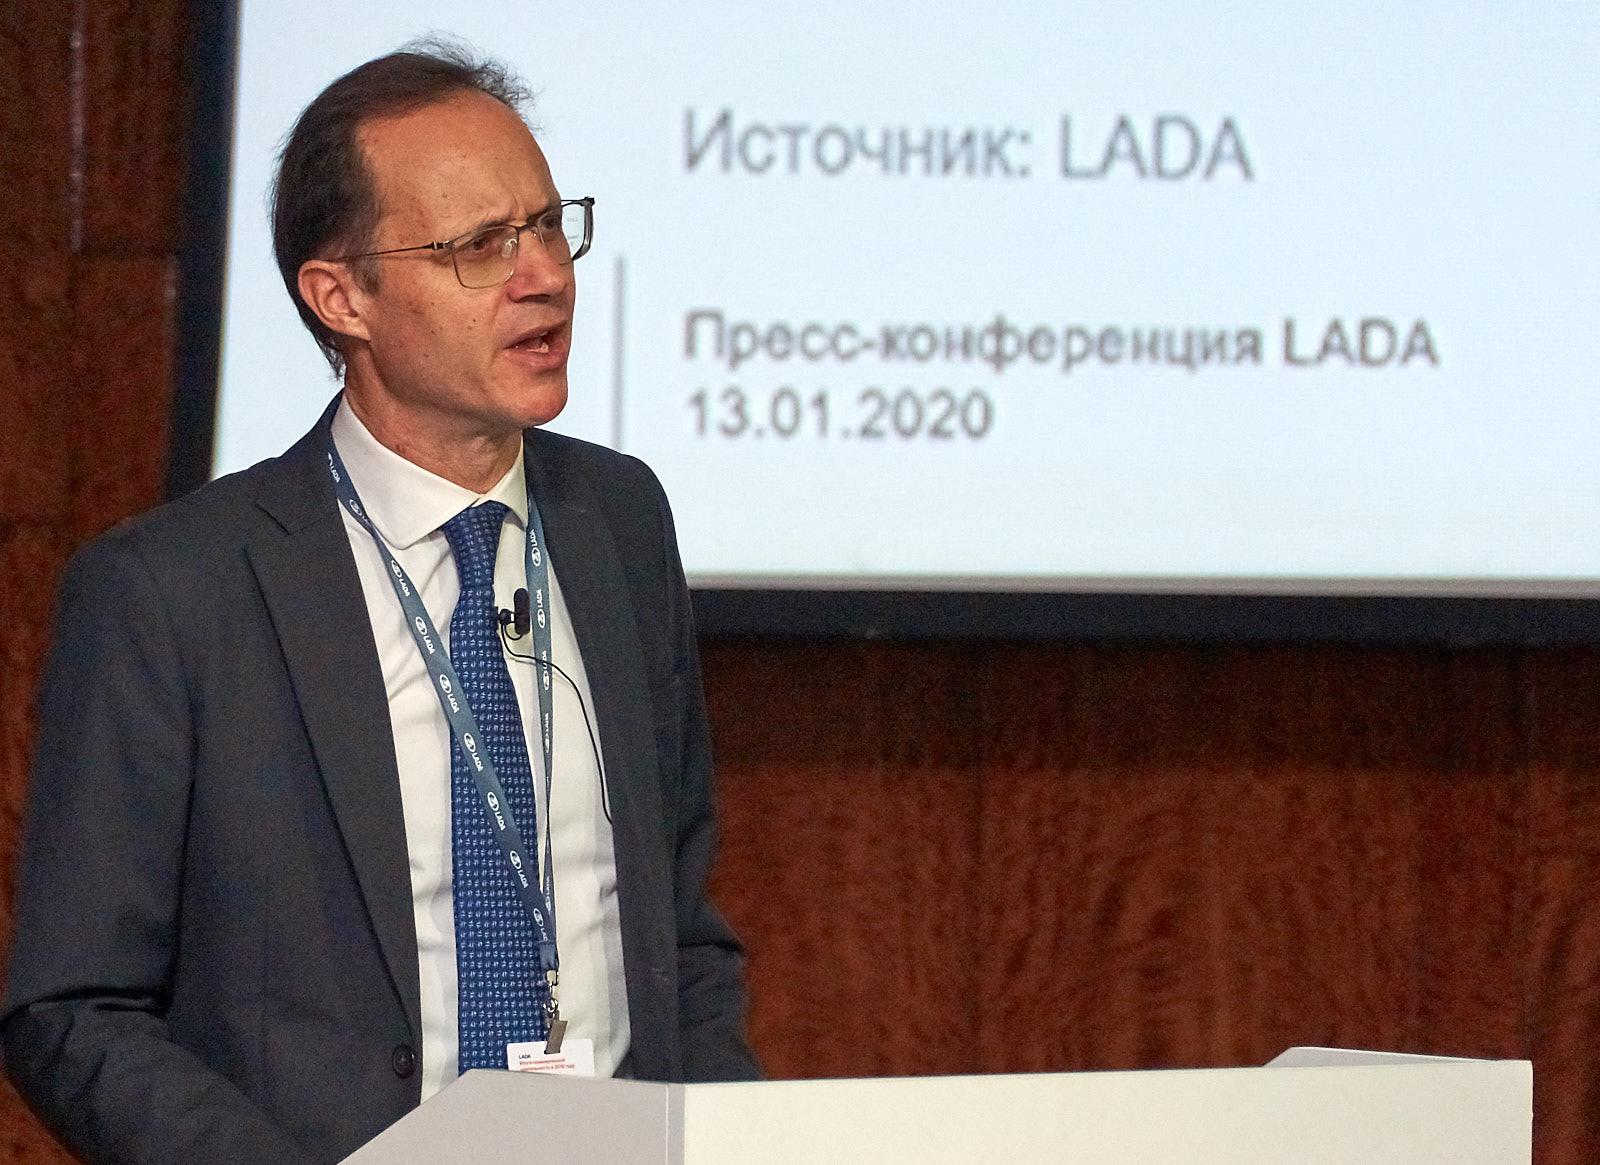 LADA: Итоги коммерческой деятельности в 2019 году